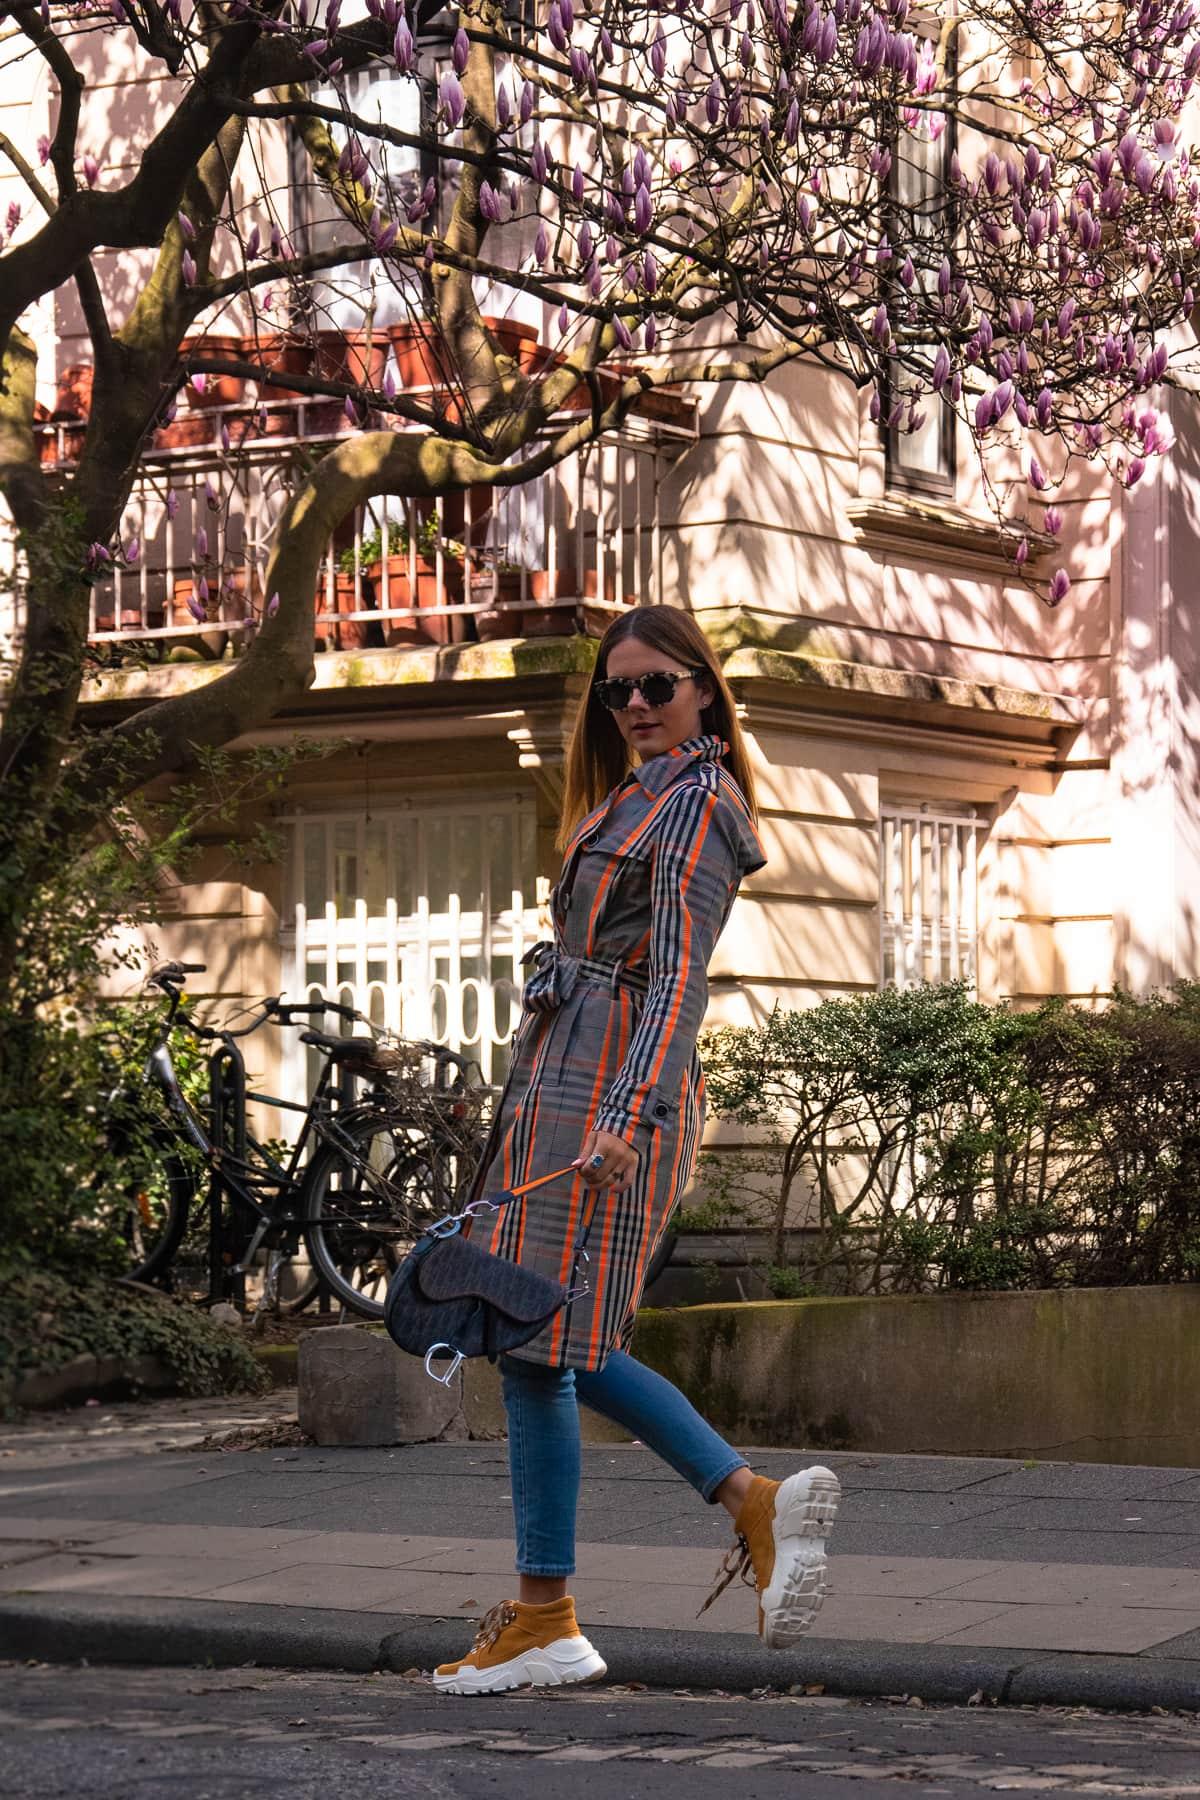 Magnolien in Köln – Frühlingslook mit Trenchcoat & Vintage Dior Saddle Bag